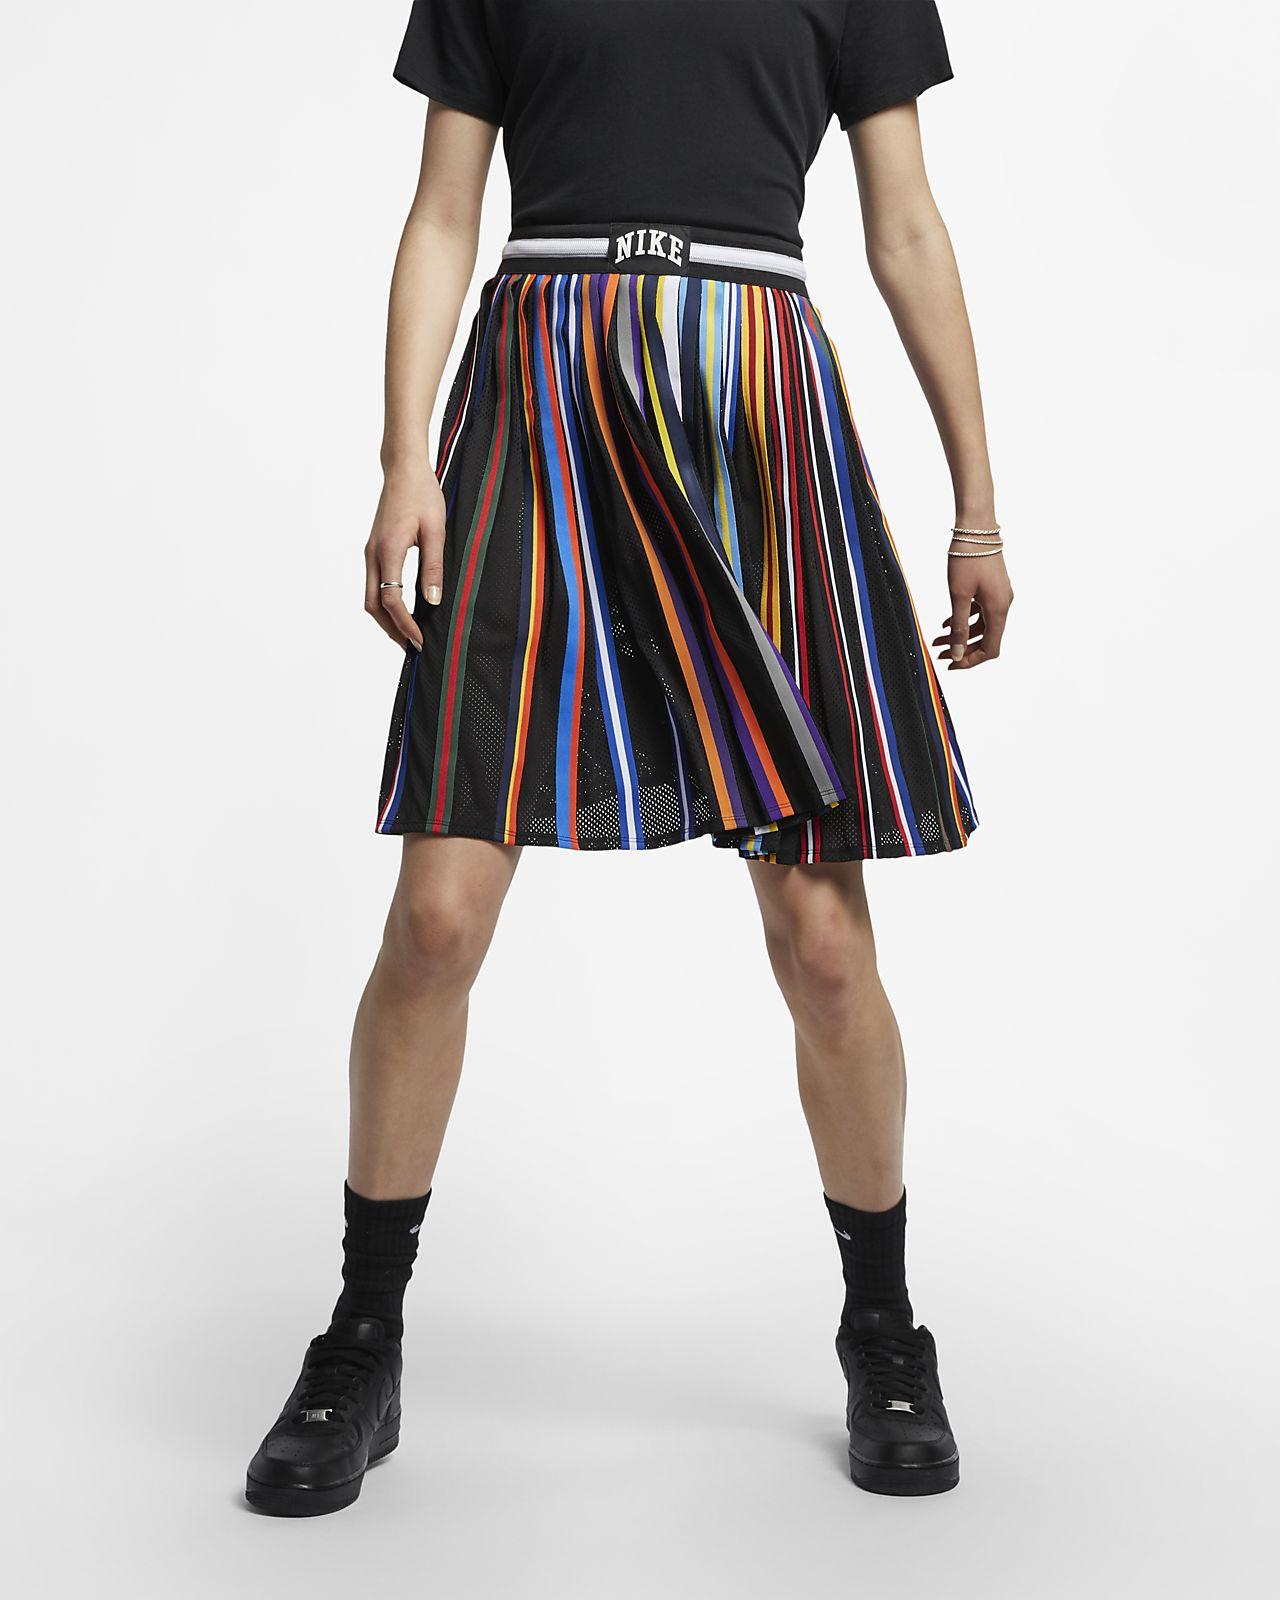 bc1cb369fe00 Low Resolution Dámská sukně NikeLab Basketball Dámská sukně NikeLab  Basketball